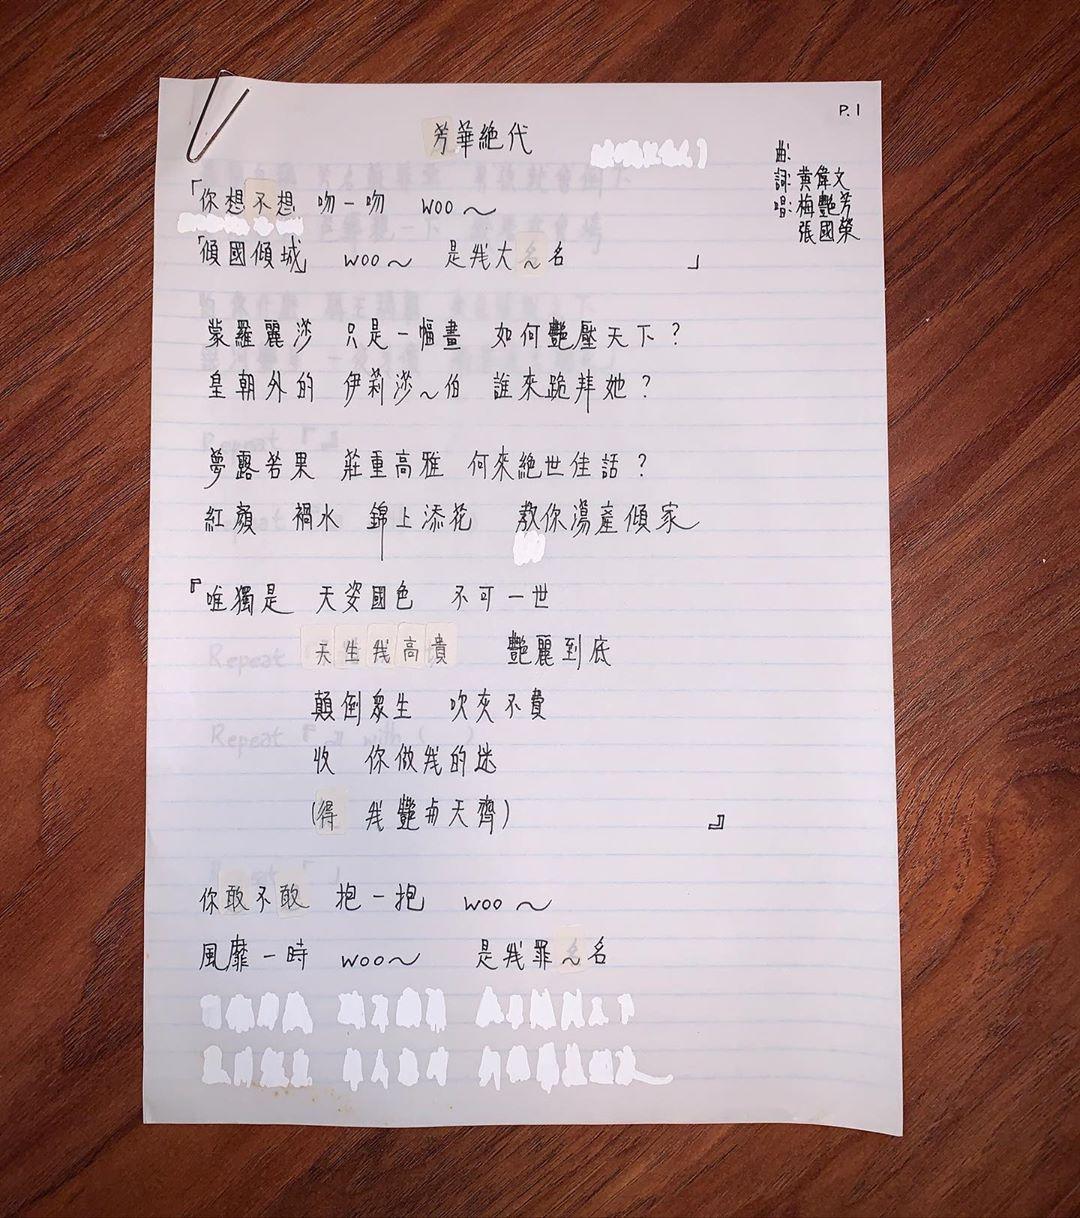 梅艷芳57歲冥壽 黃偉文公開《芳華絕代》手稿